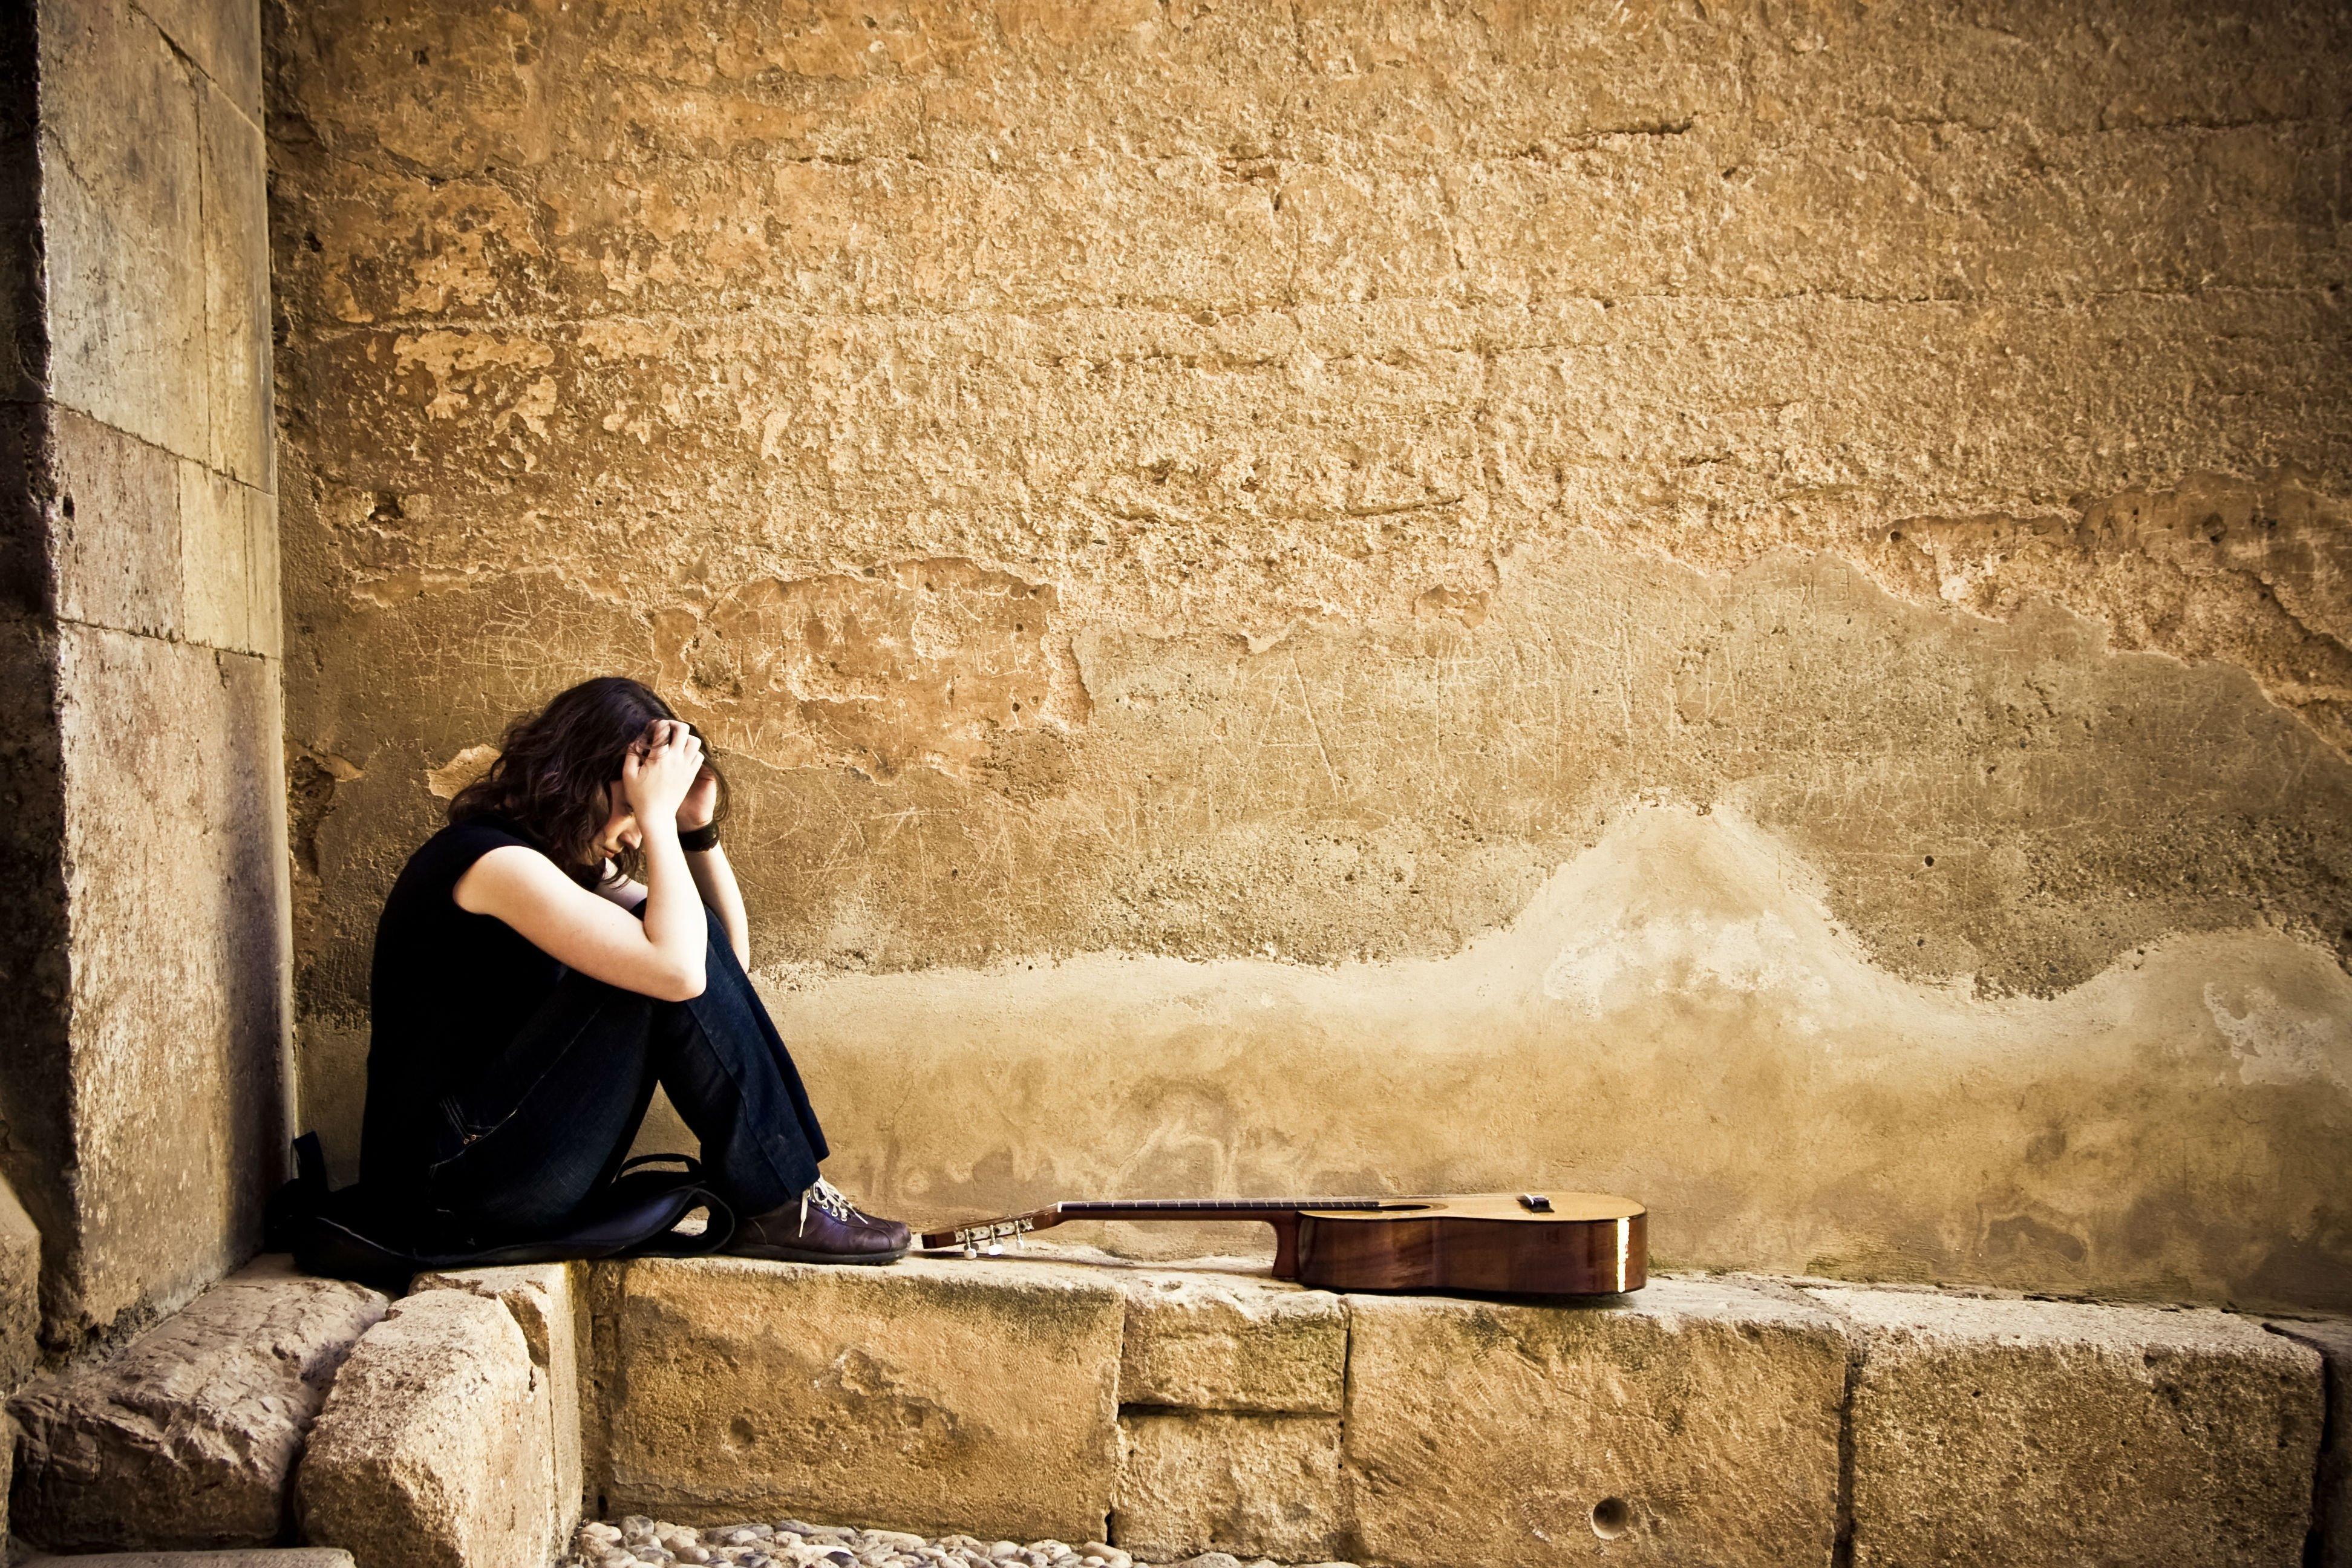 Sad Love Wallpaper Free Download 1 Hd Wallpaper: Depression Sad Mood Sorrow Dark People Love Wallpaper